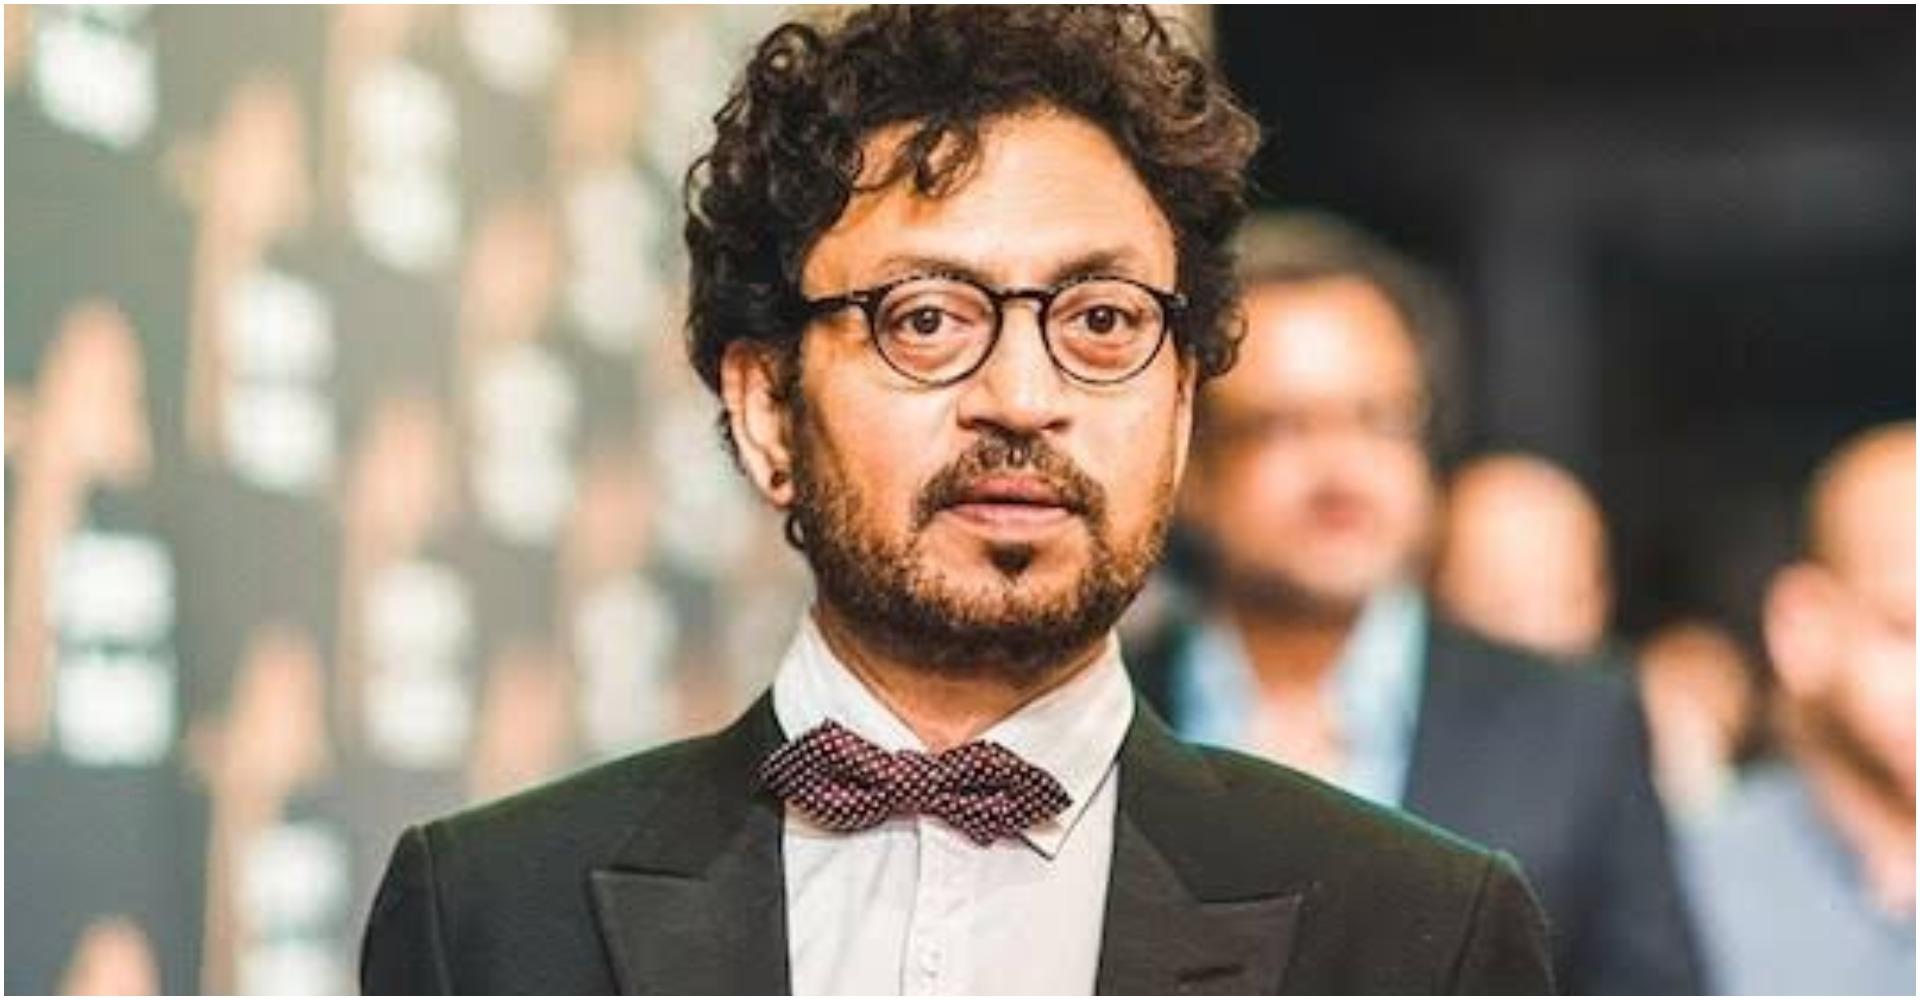 इरफान खान के स्पोकपर्सन ने लोगों से की अपील, एक्टर कोकिलाबेन अस्पताल के आईसीयू में हैं भर्ती